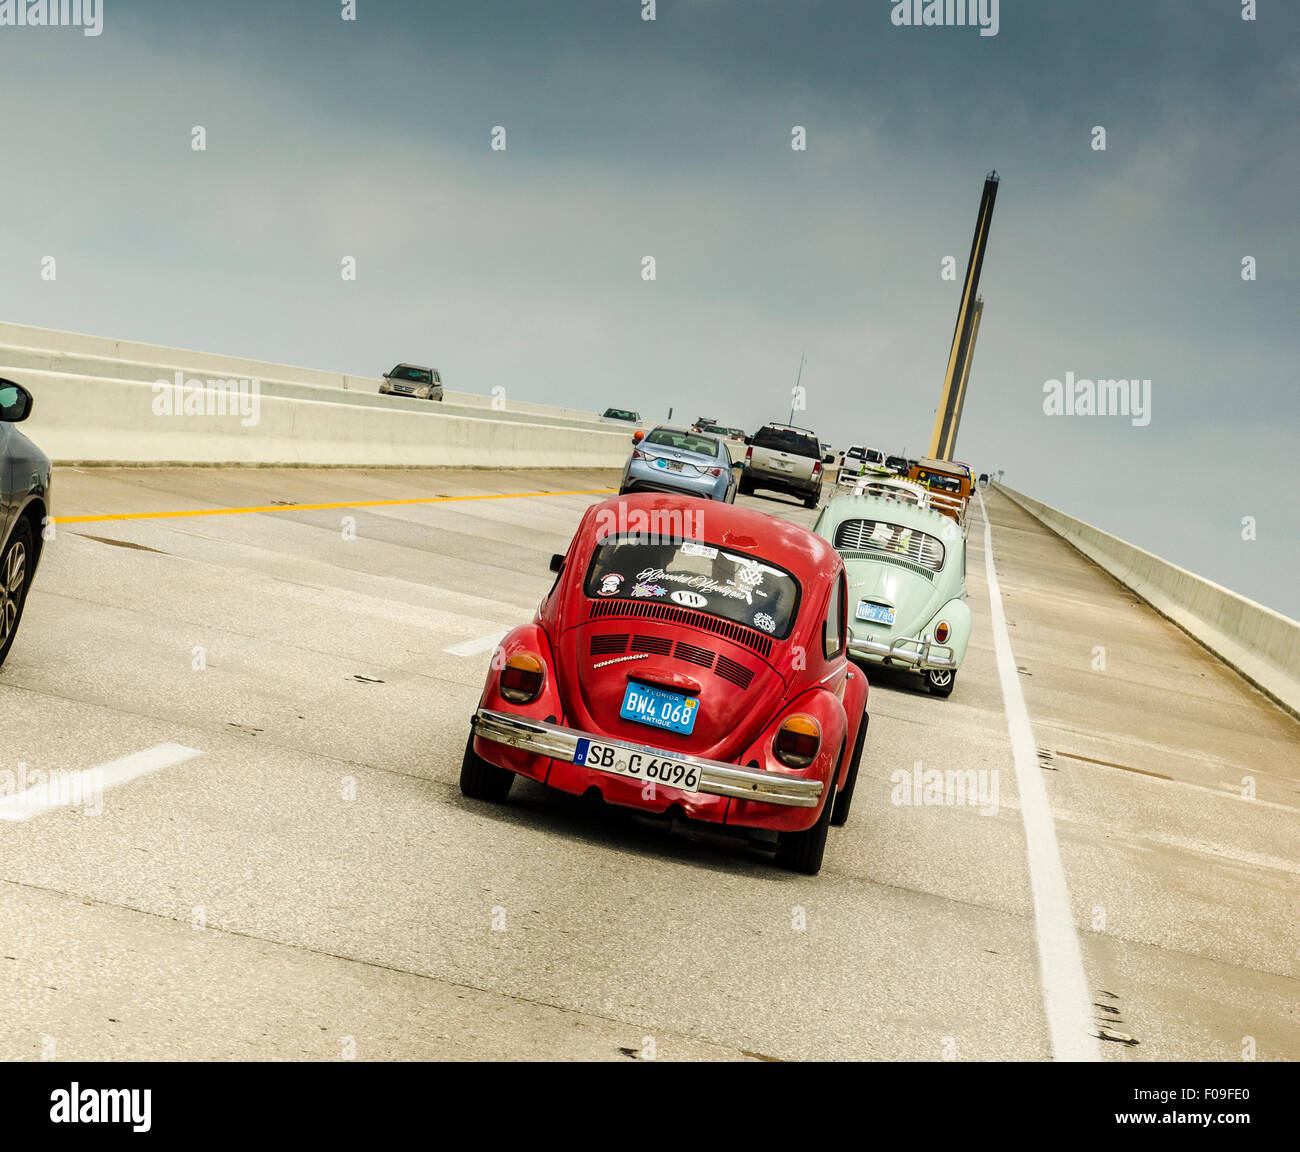 Red Volkswagen Beetle Photos & Red Volkswagen Beetle Images